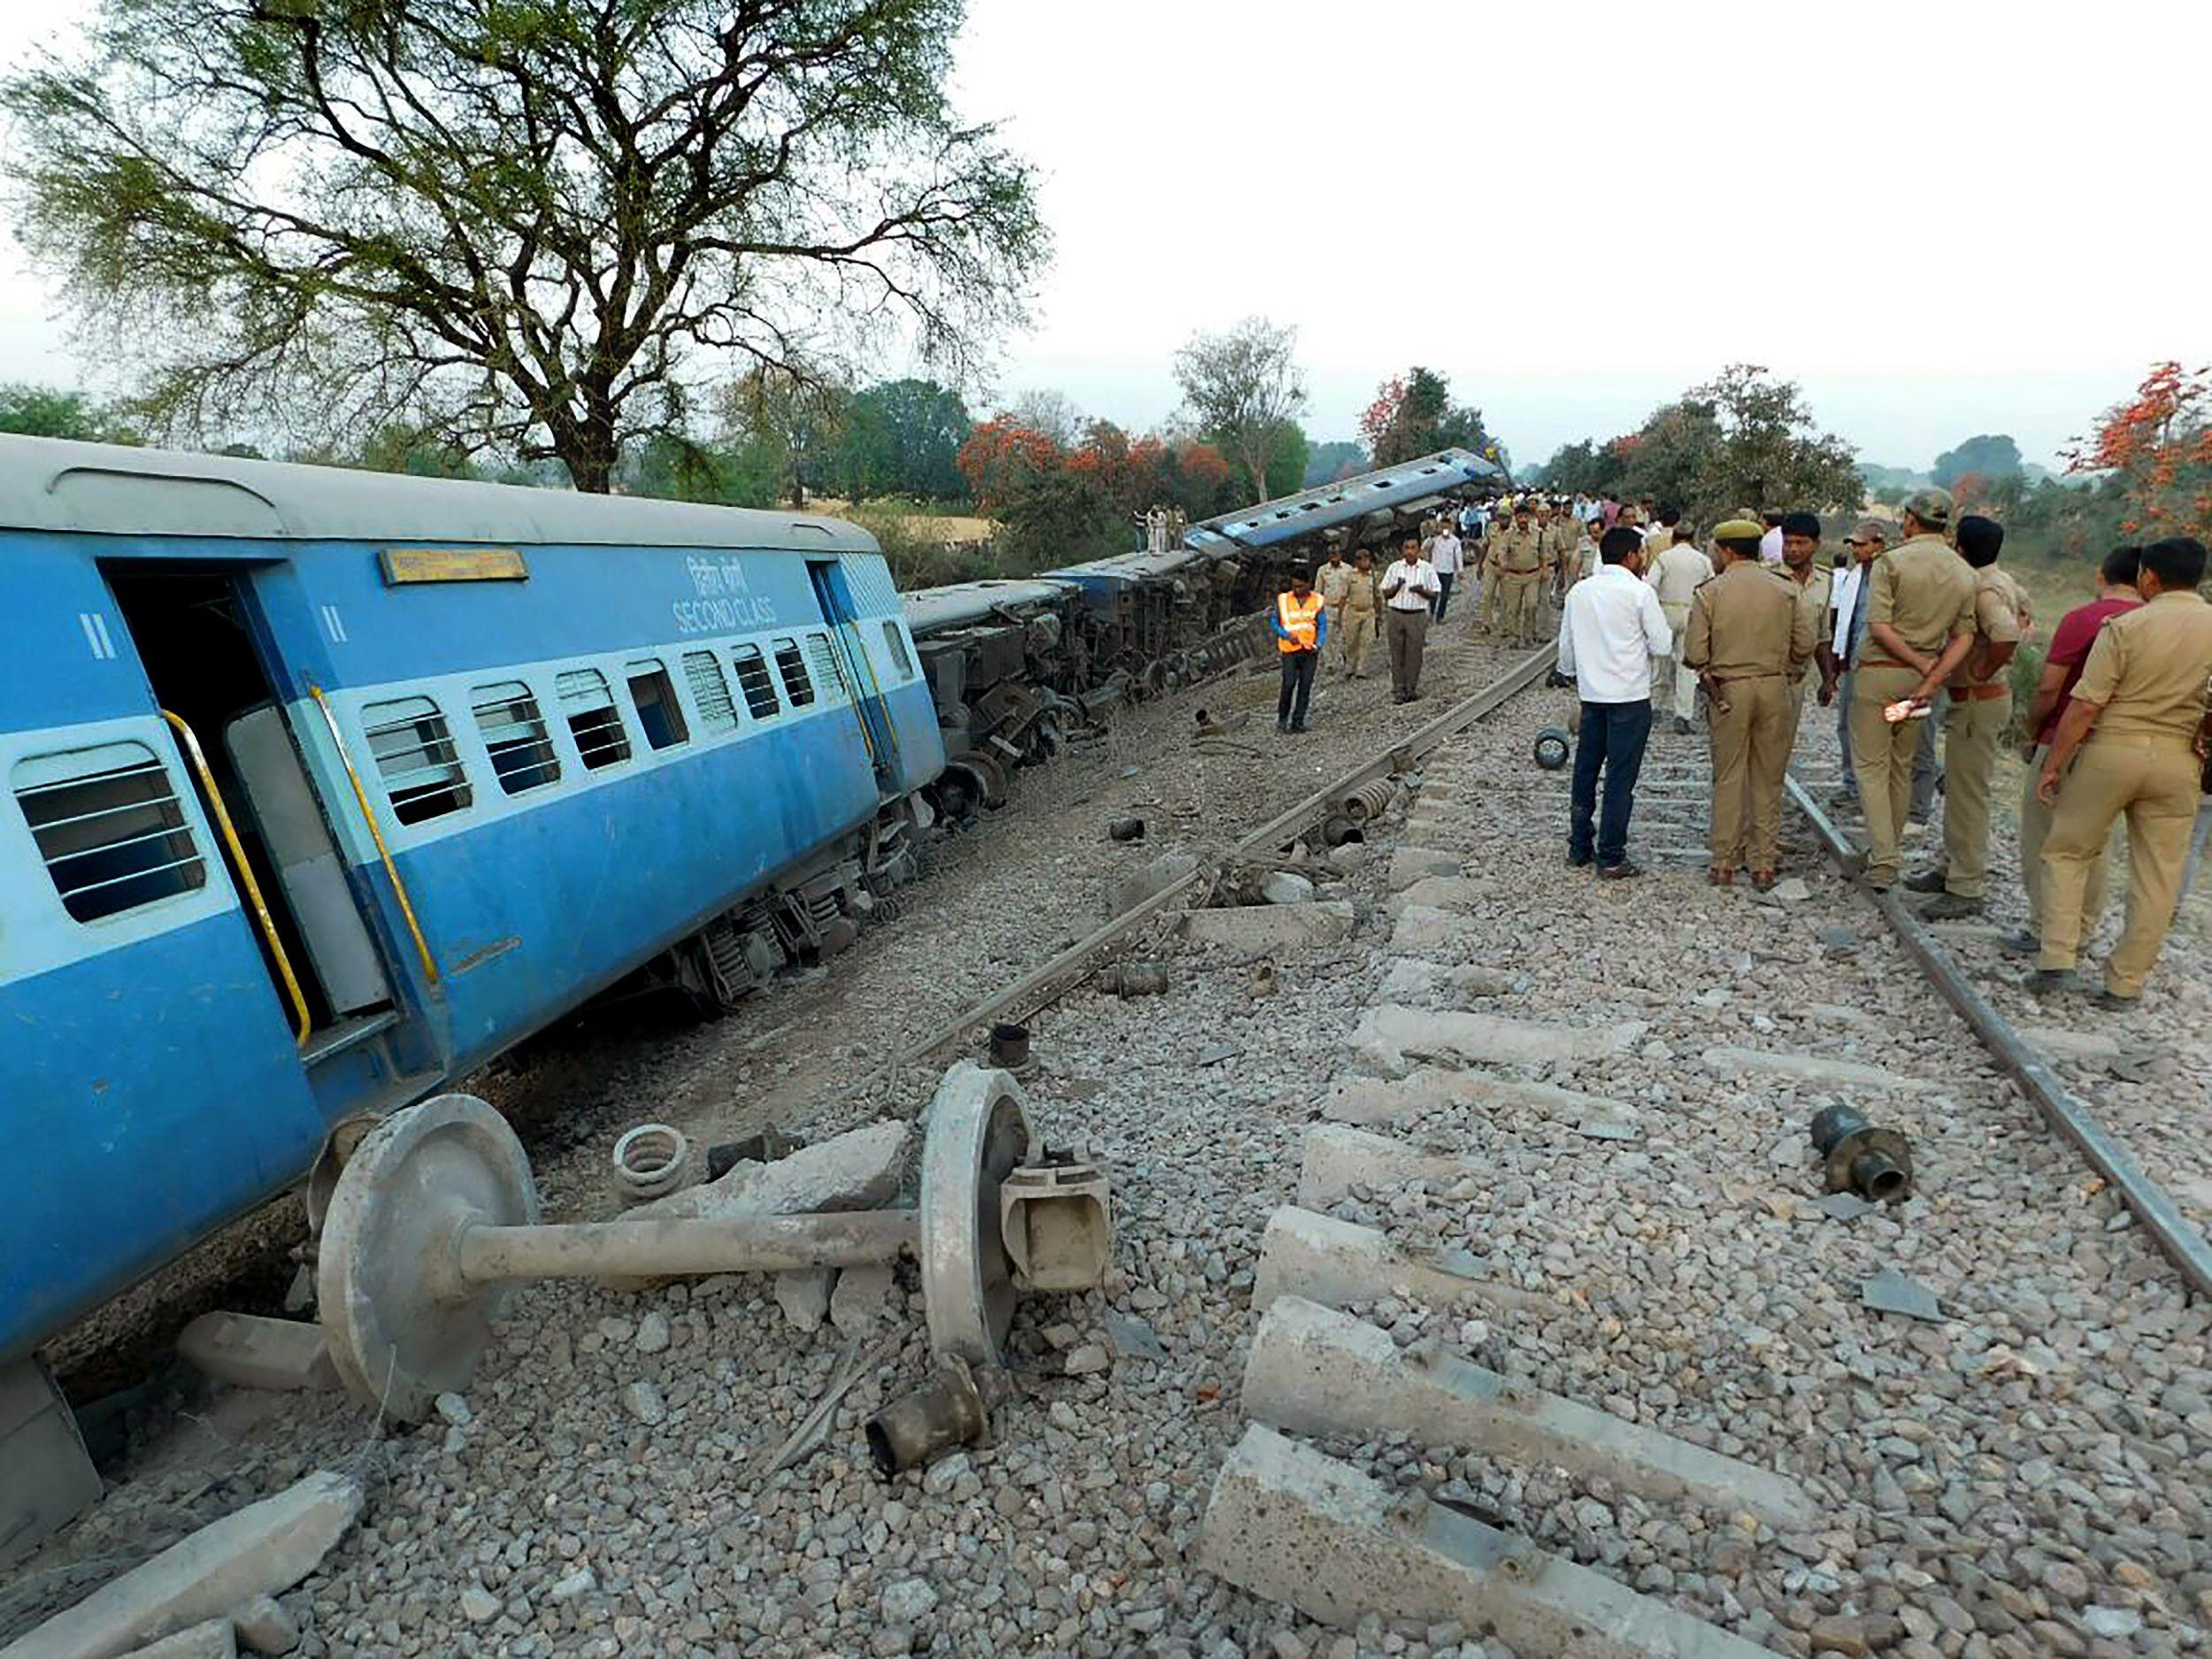 خروح قطار ركاب عن مسارة وإصابة 25 شخصا فى الهند